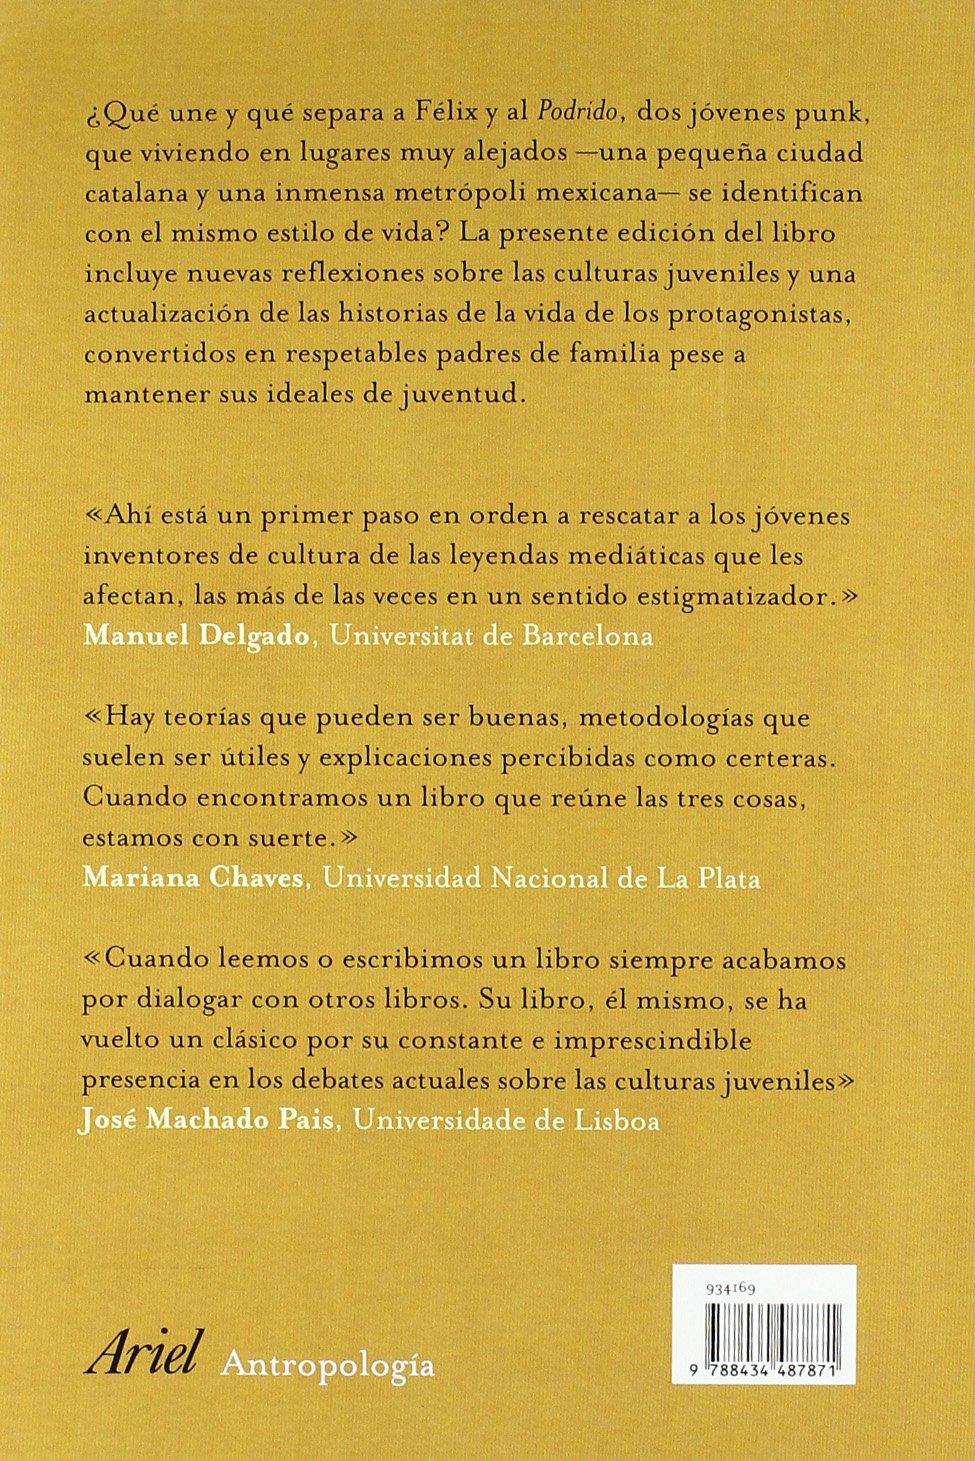 De jóvenes: Carles Feixa: 9788434487871: Amazon.com: Books